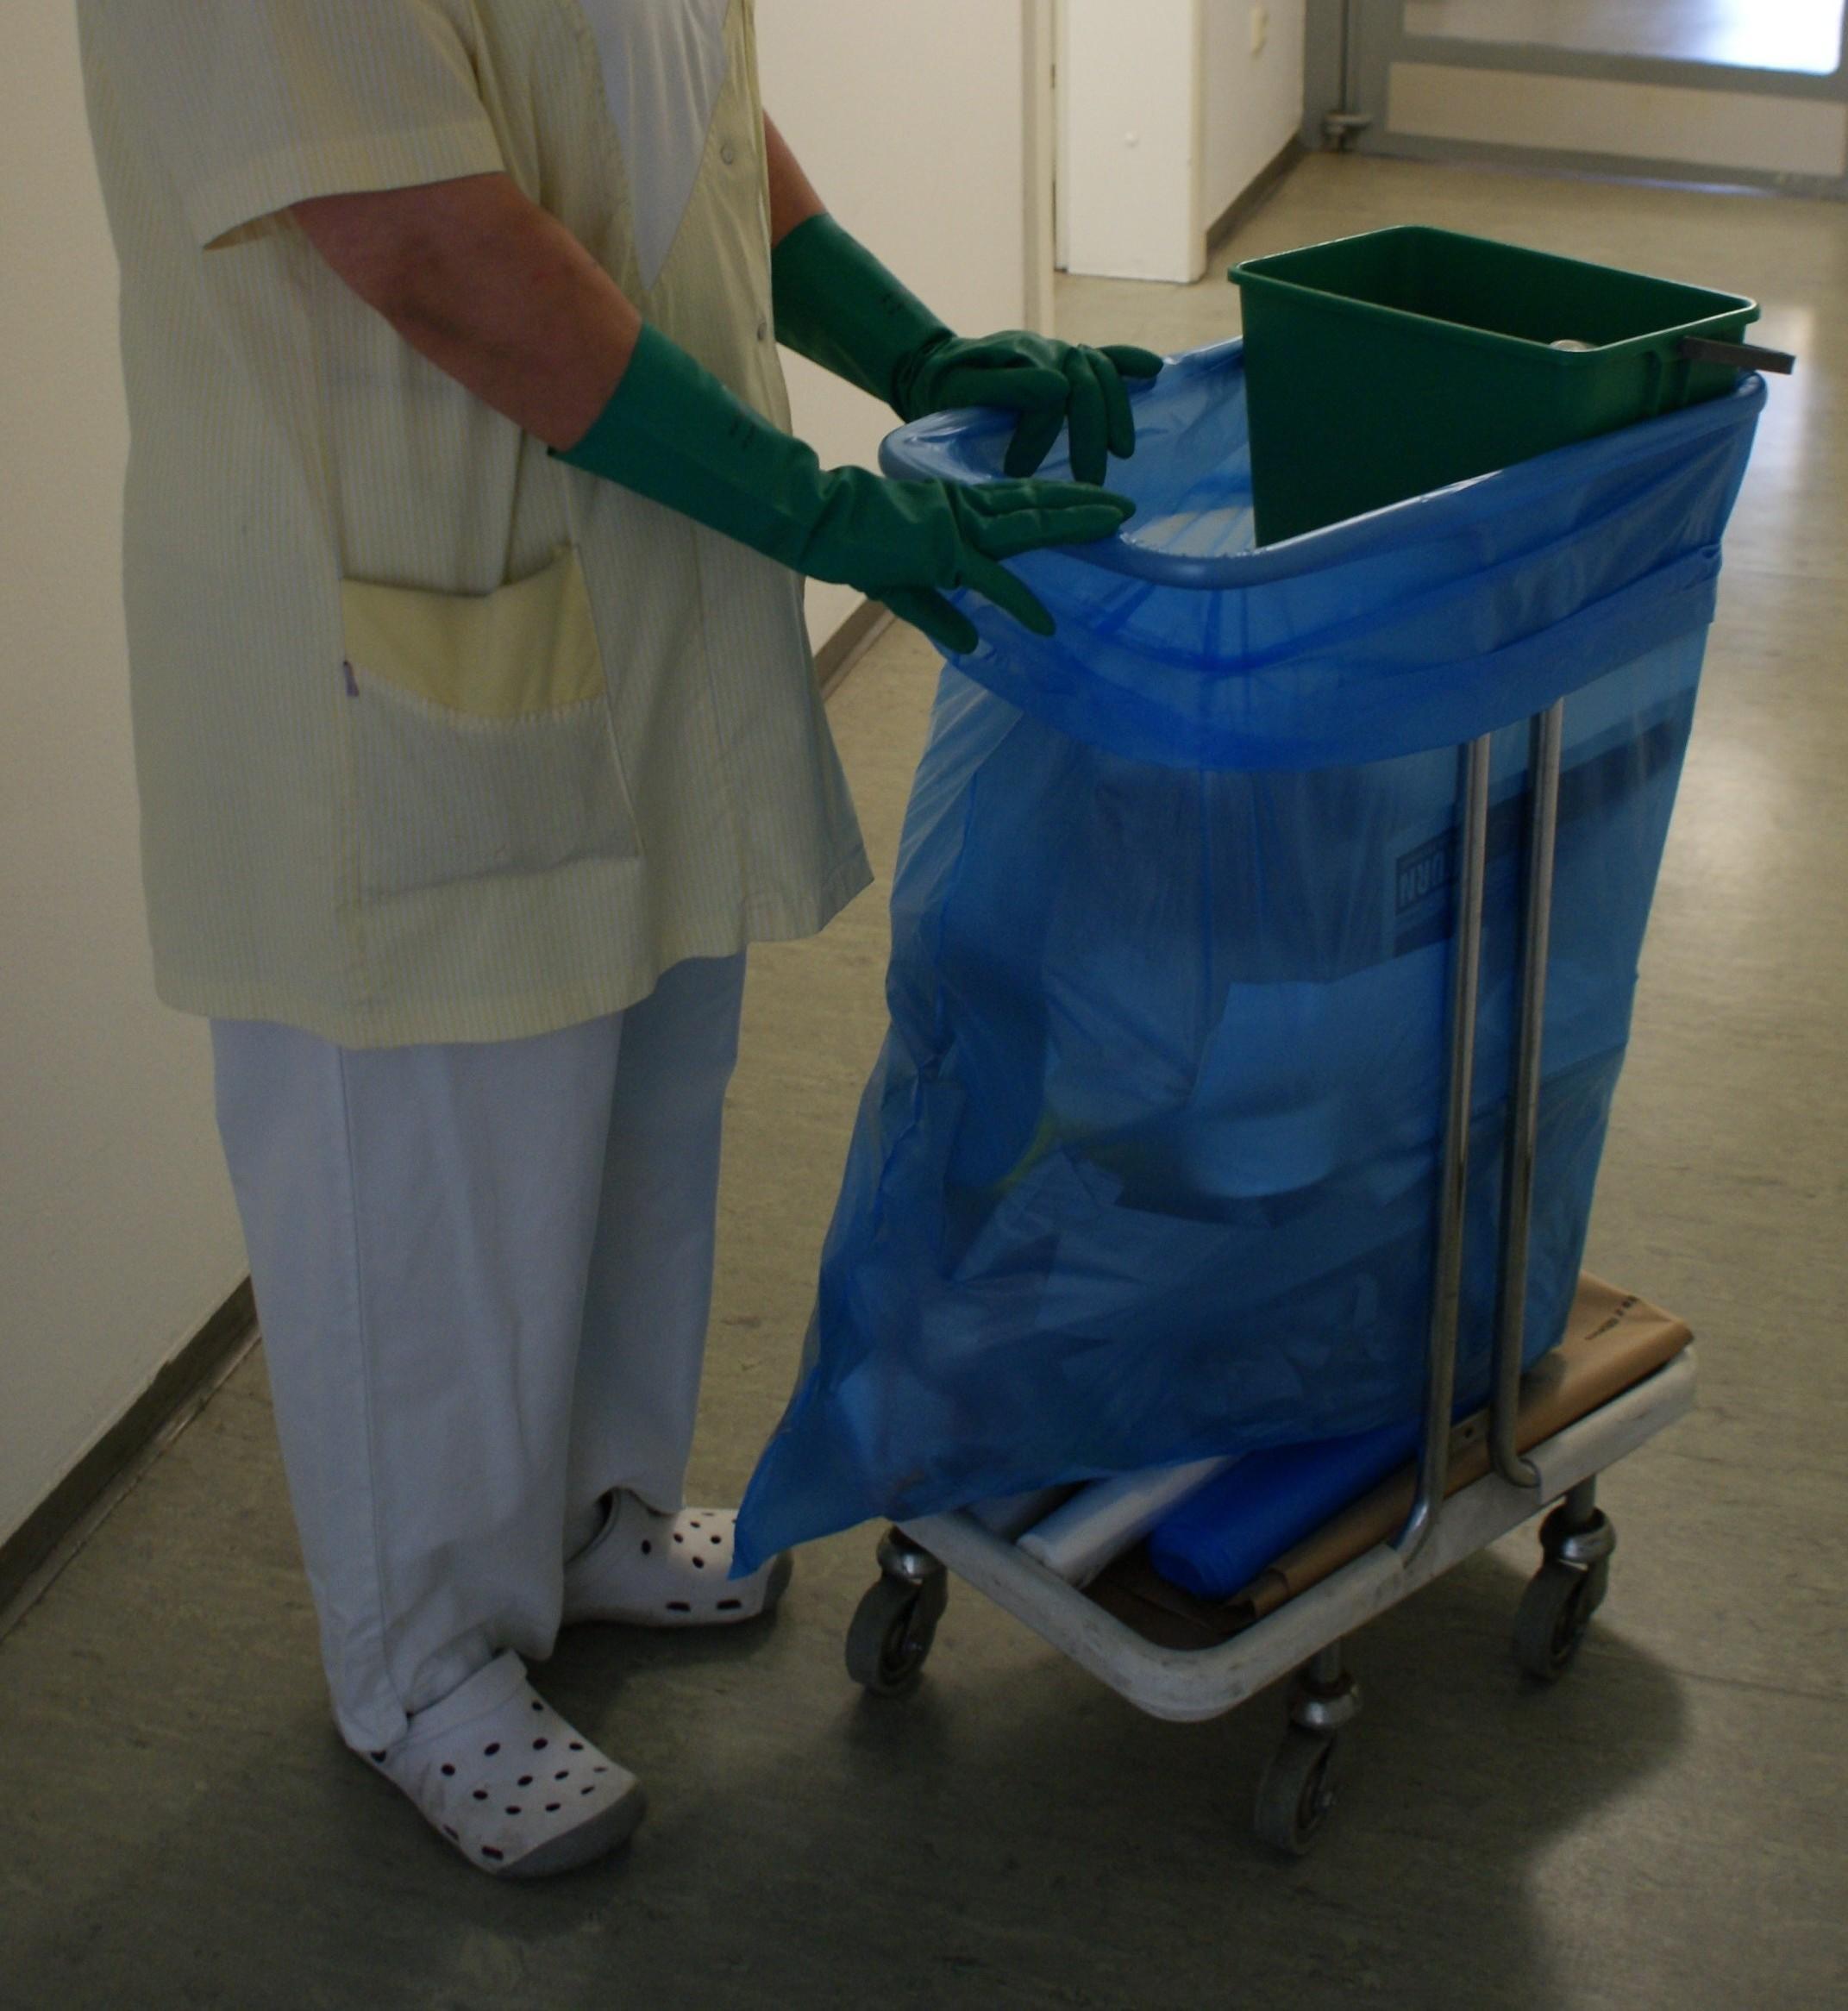 Die Arbeit von Reinigungskräften bleibt oft unsichtbar.